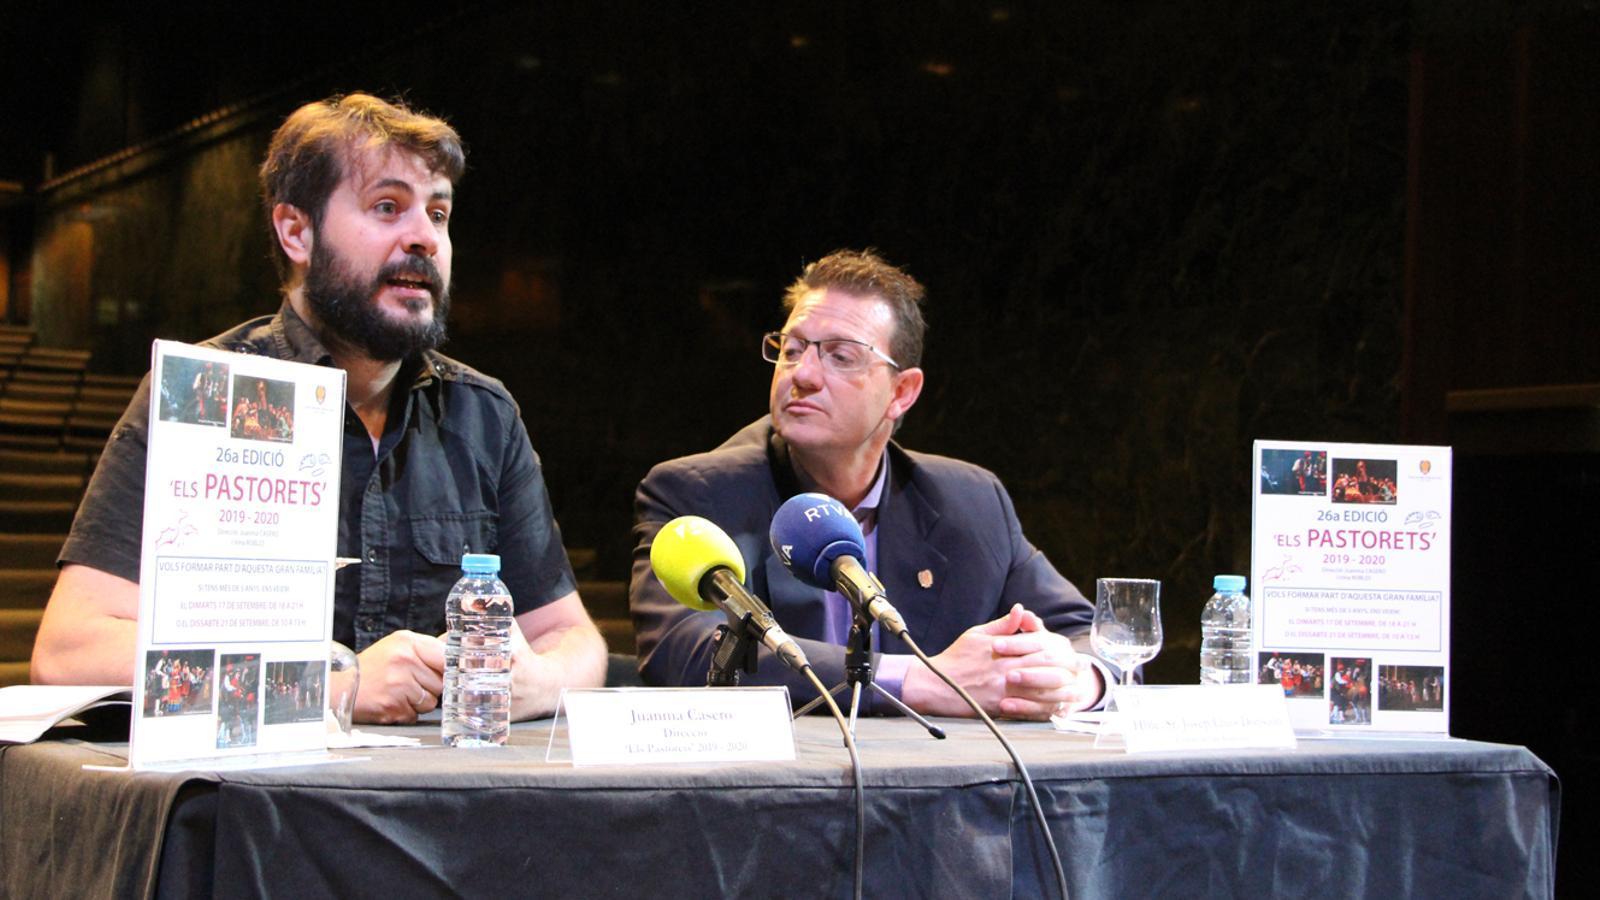 El director de l'espectacle, Juanma Casero, i el conseller de Cultura lauredià, Josep Lluís Donsión, en la presentació de la 26a edició d''Els Pastorets'. / T. N. (ANA)